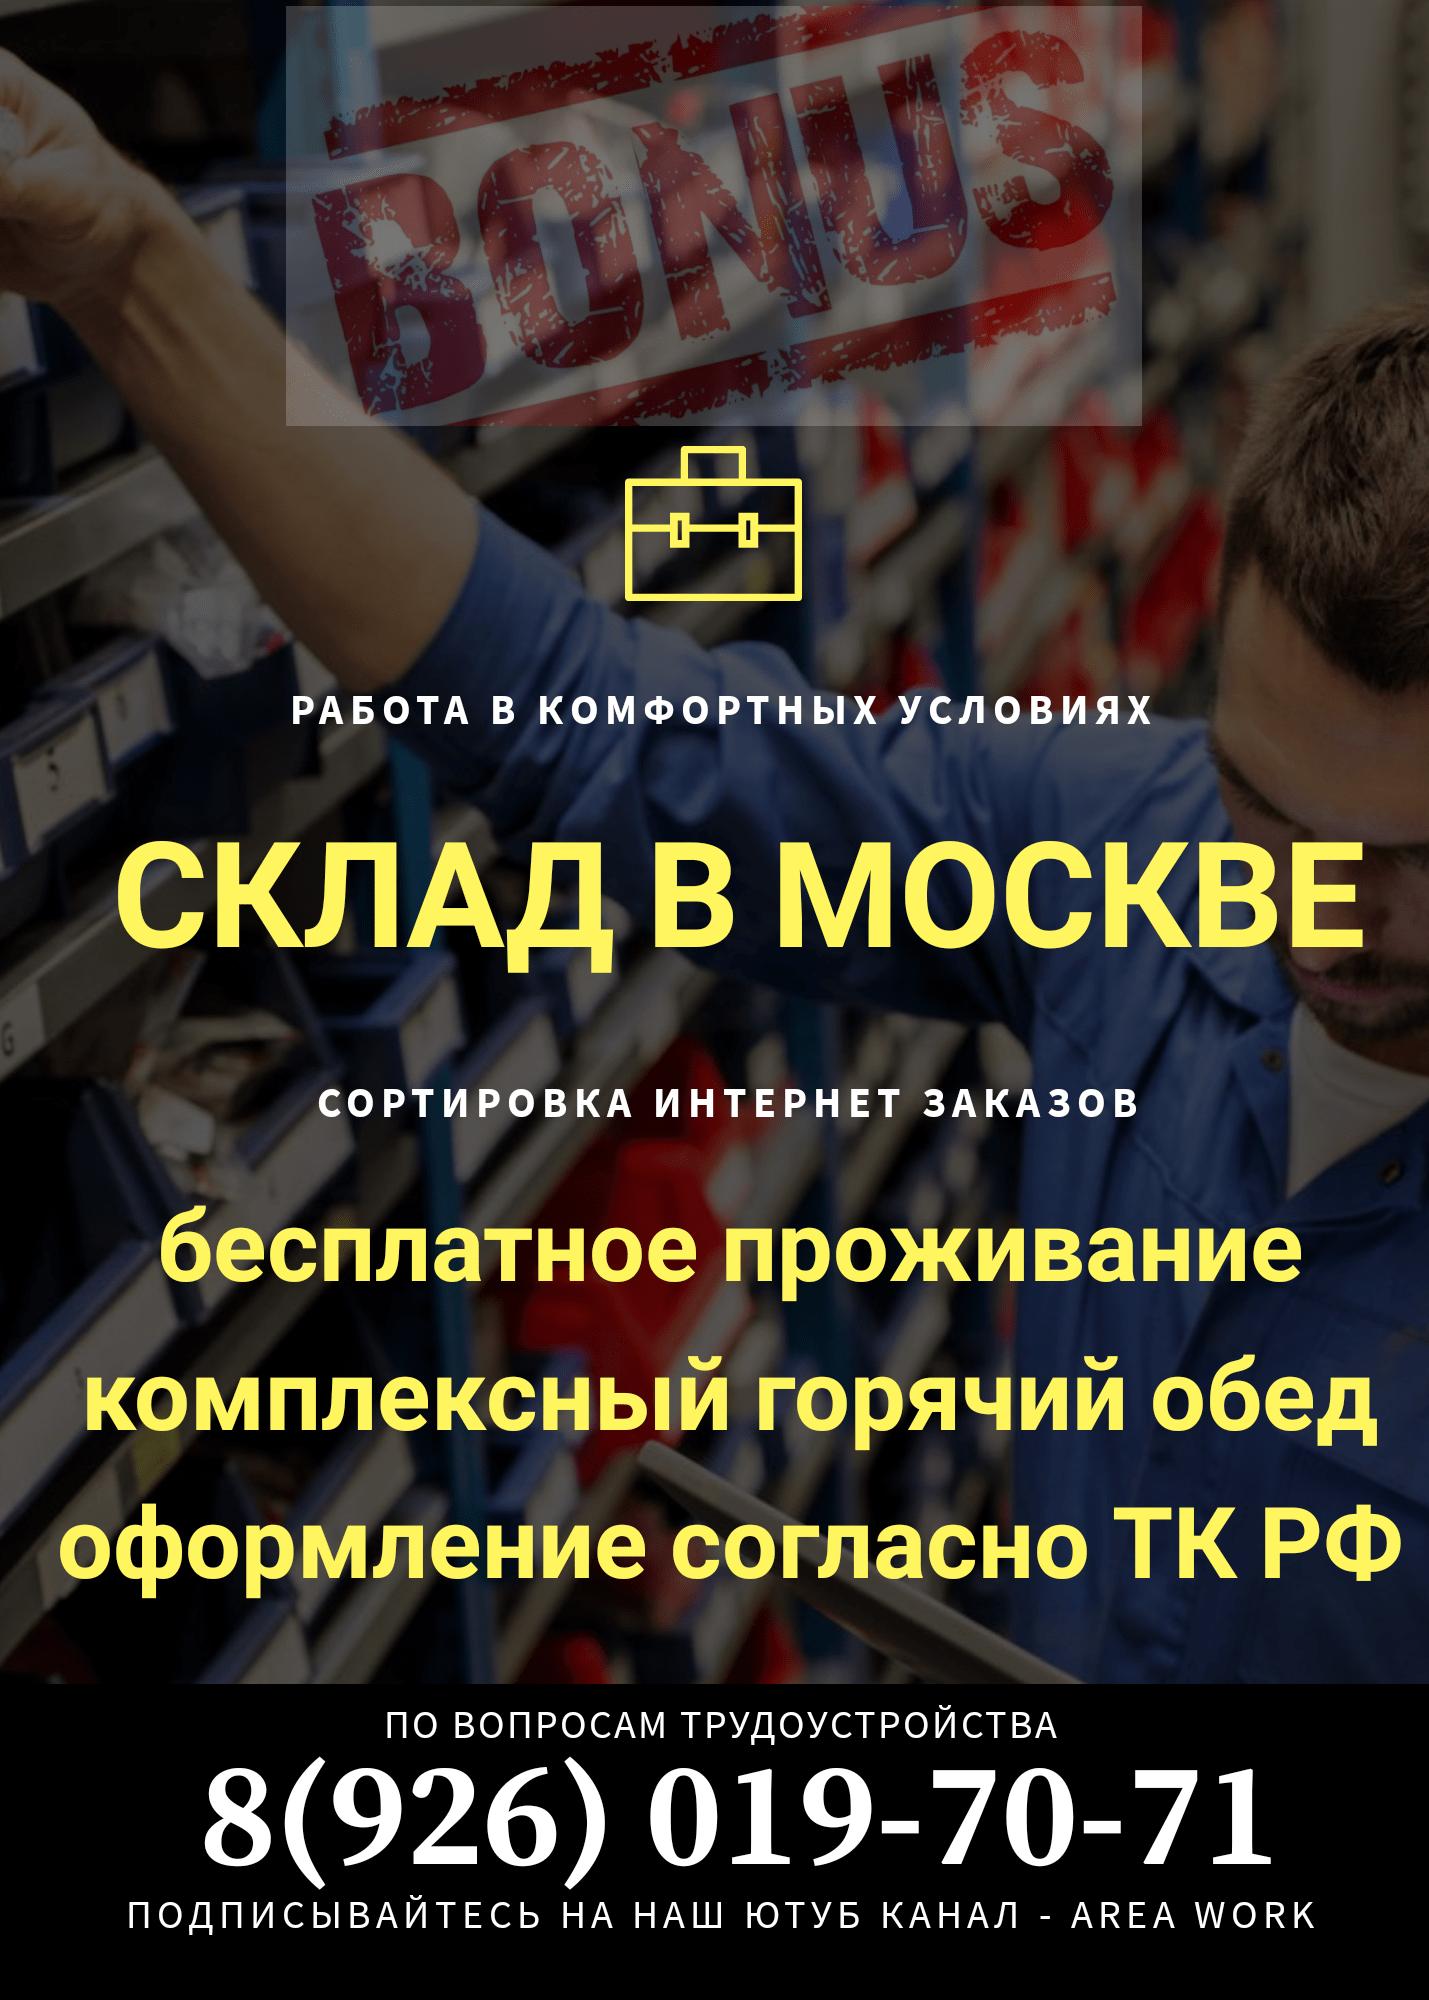 Area Work, работа в Москве, работа на складе, работа вахтой, работа с проживанием, работа для студентов, работа без опыта, сортировщик на склад, сортировщик интернет-магазин,